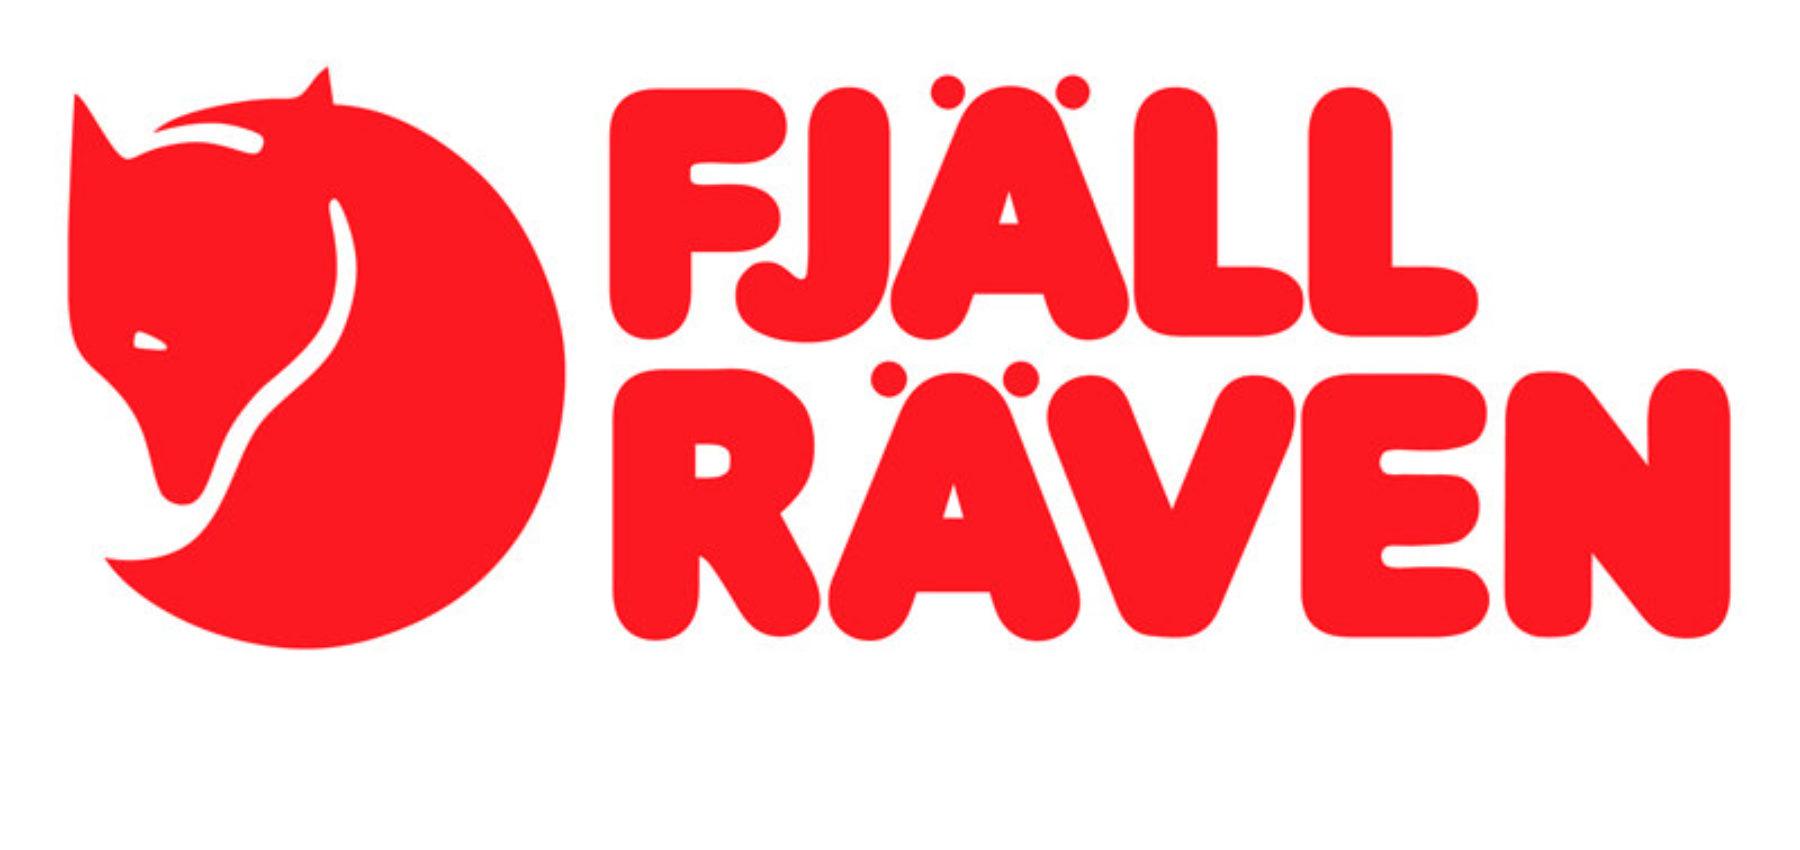 Fjellrevens logo